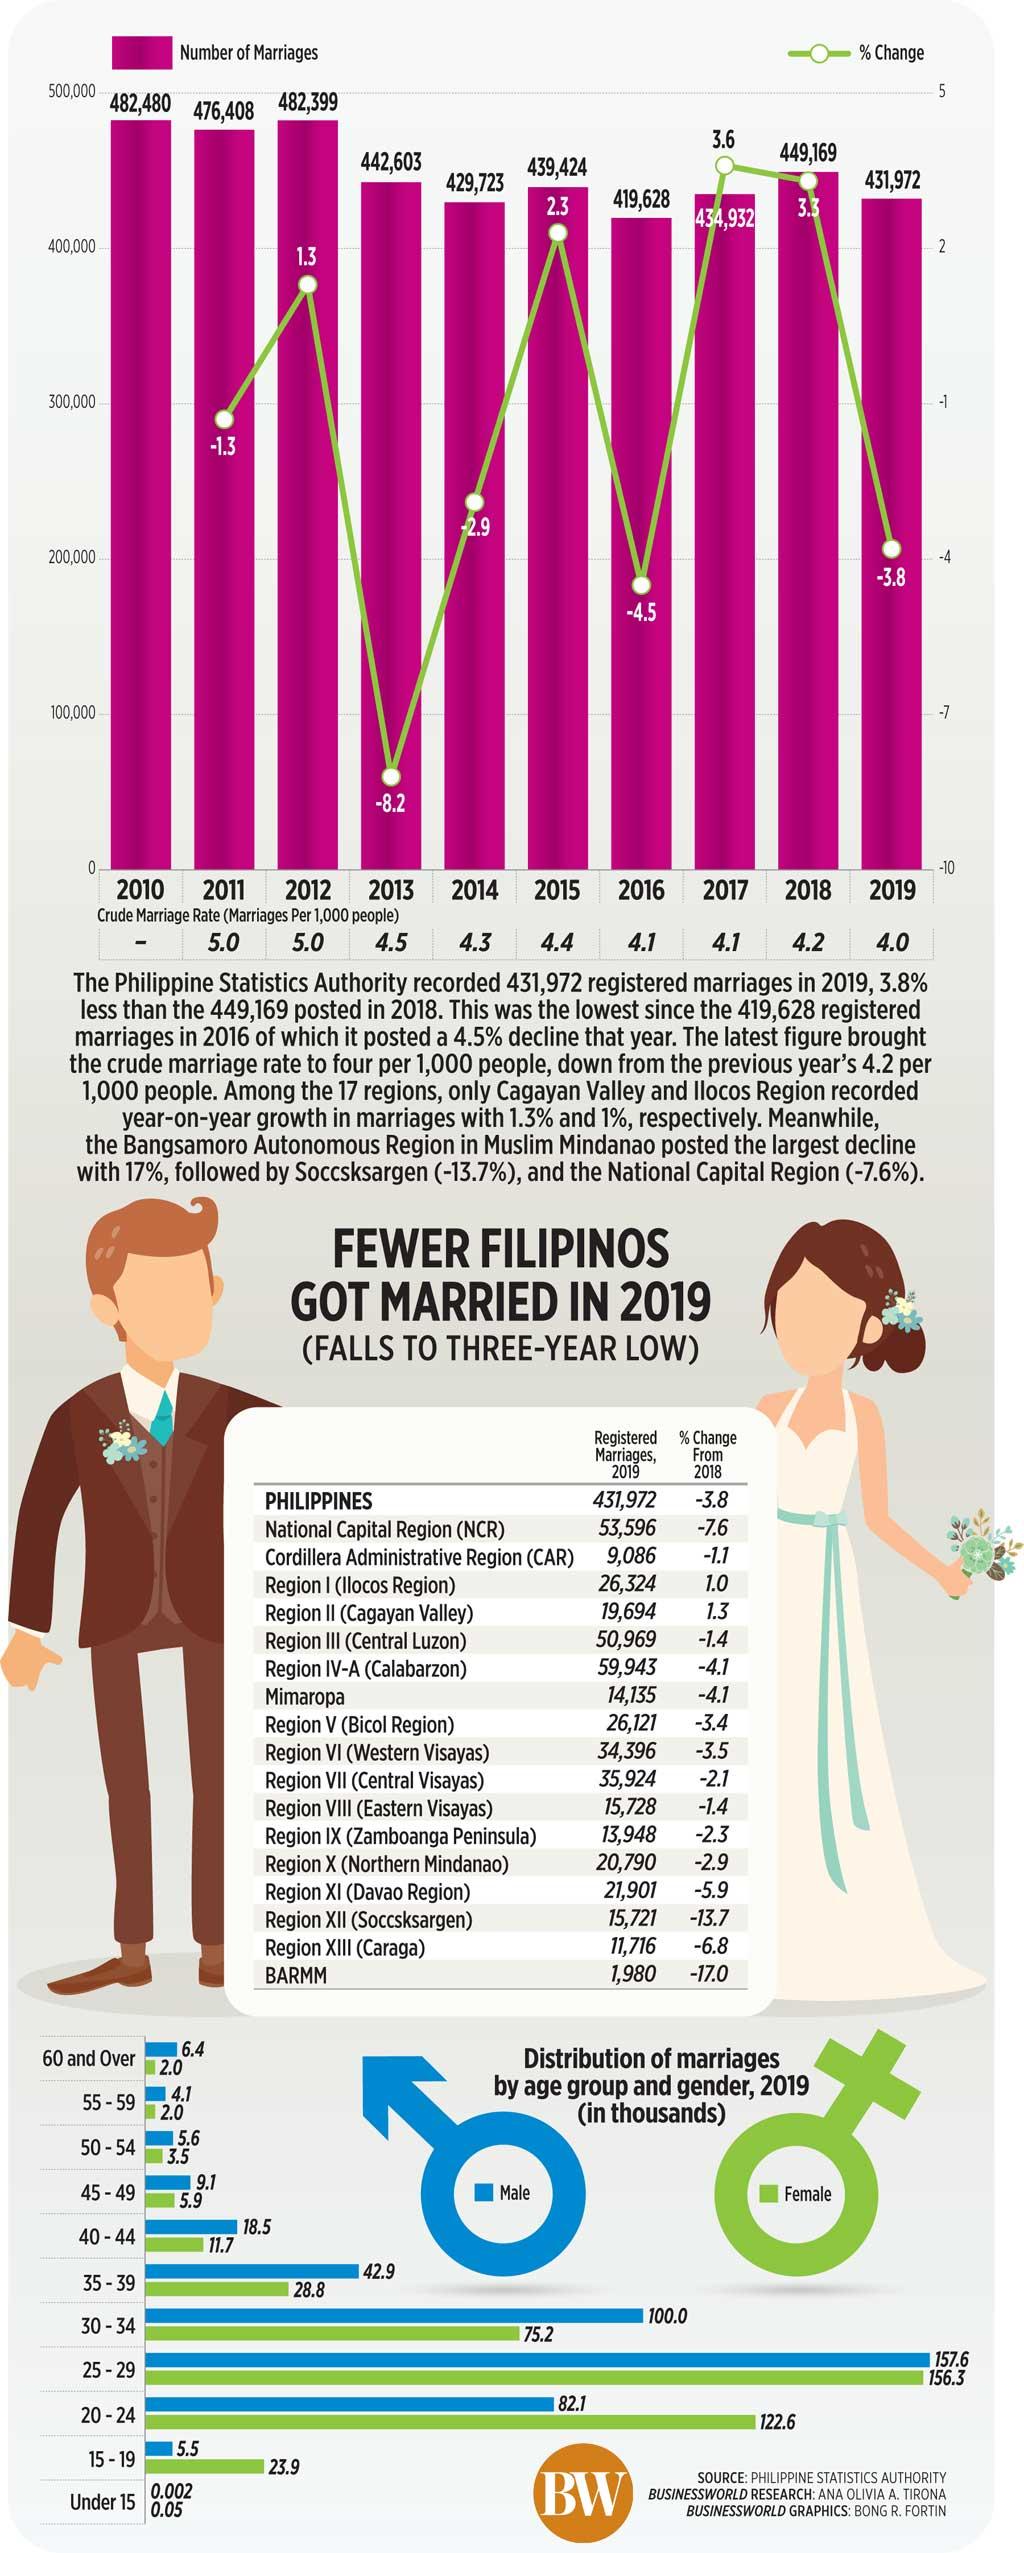 Fewer Filipinos got married in 2019